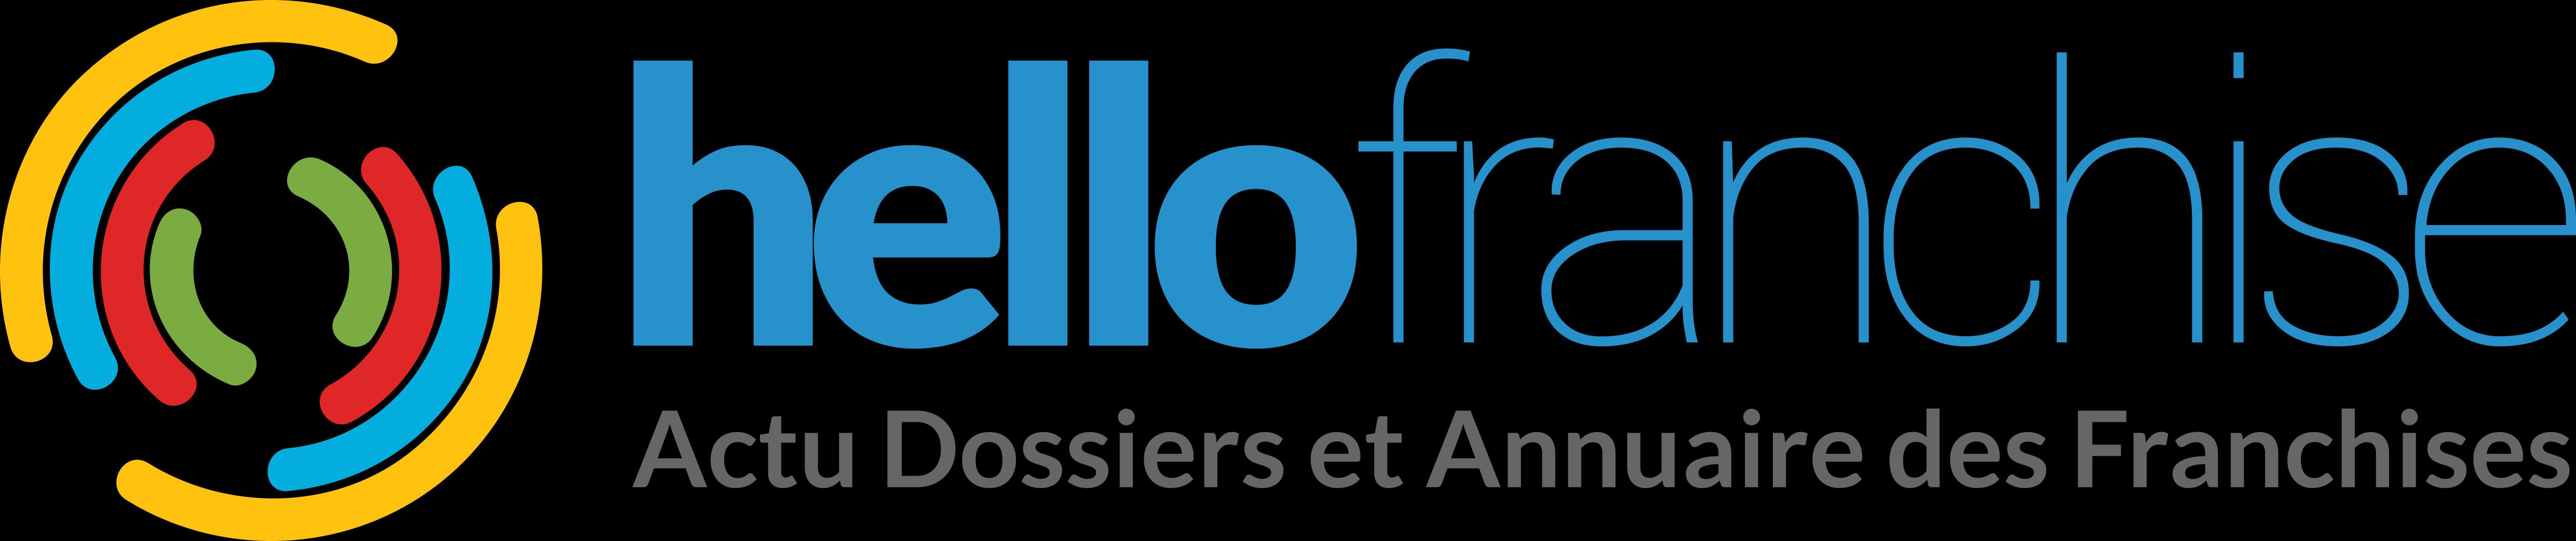 Logo presse Gémo sélectionné à la « New Shopping Expérience by Picom » – hello-franchise